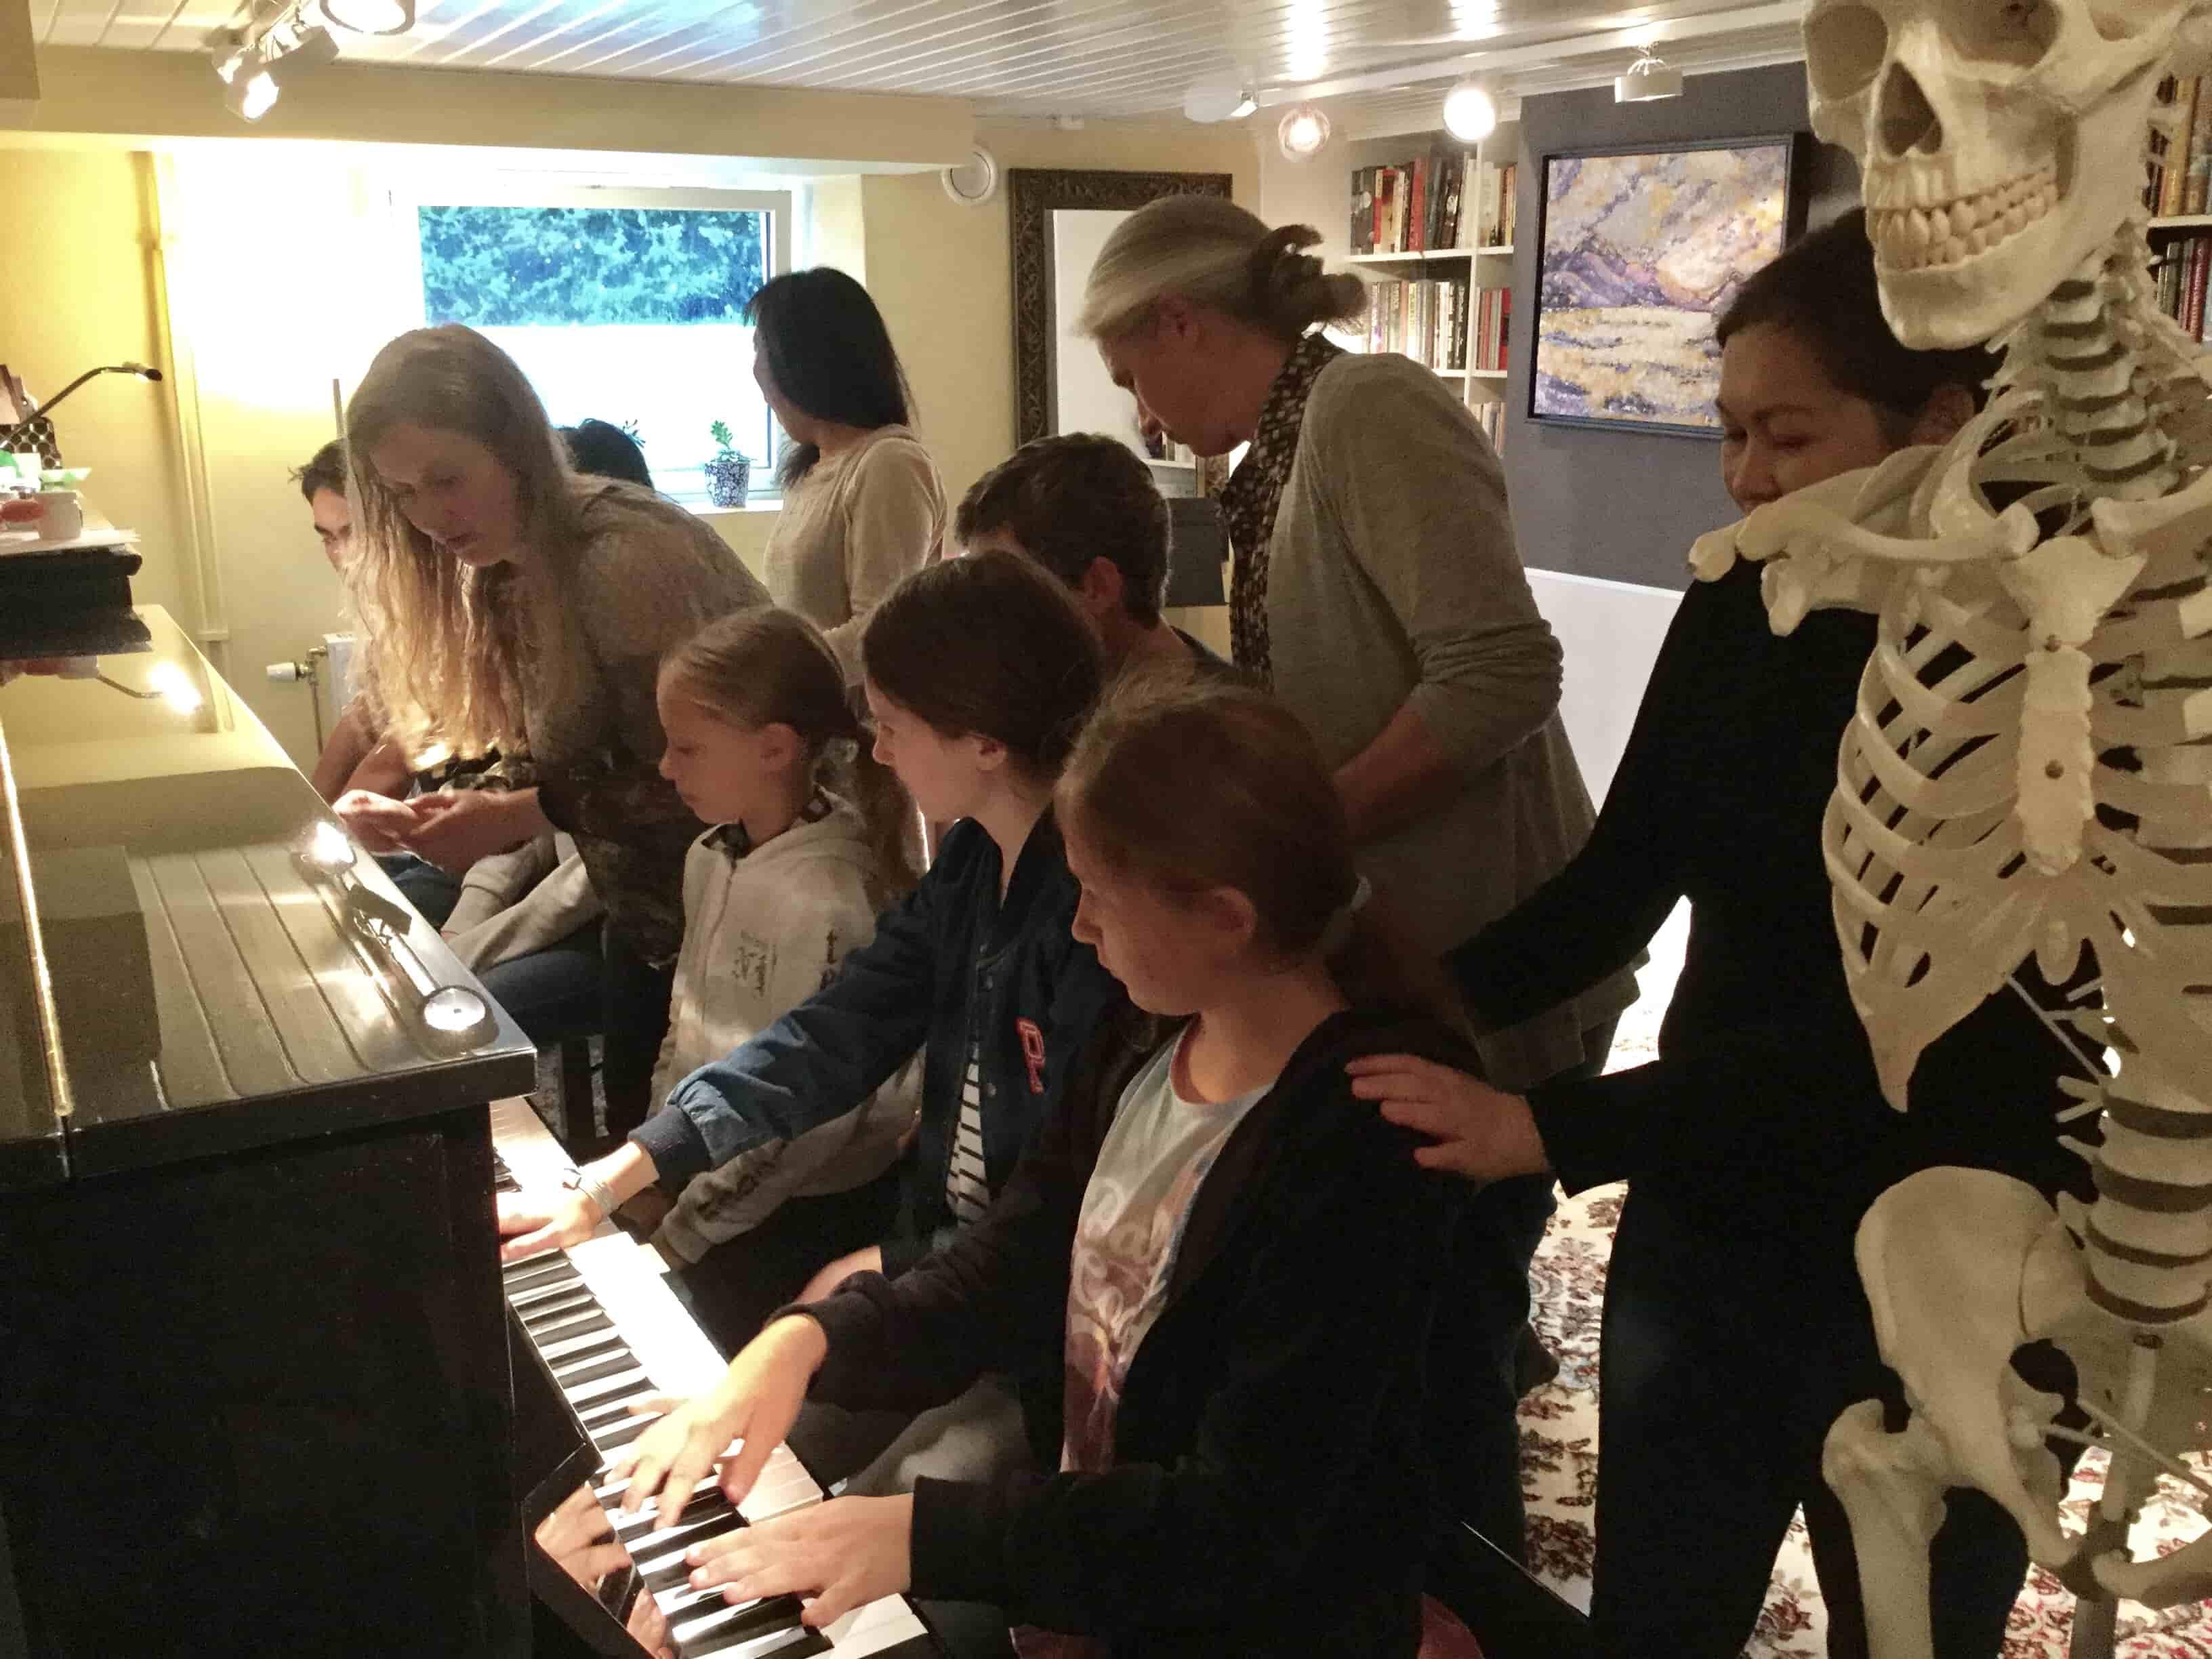 Timani push off piano